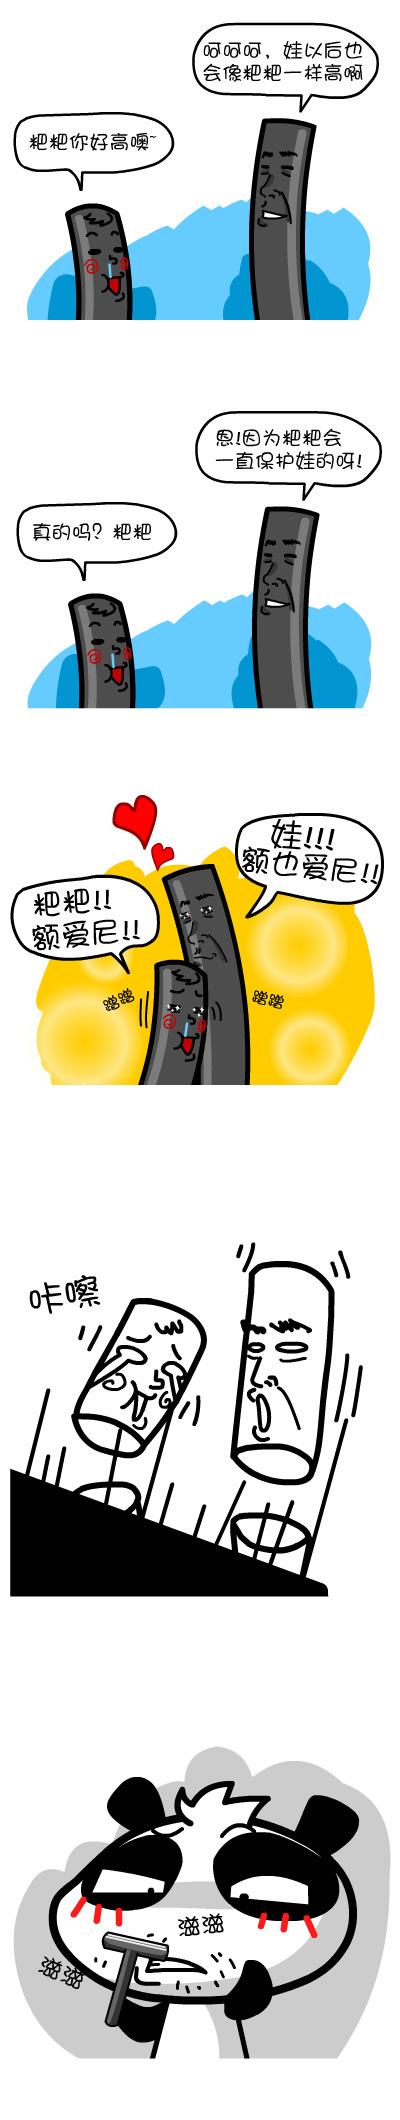 粑粑 粑粑 - 林无知 - nonopanda的博客